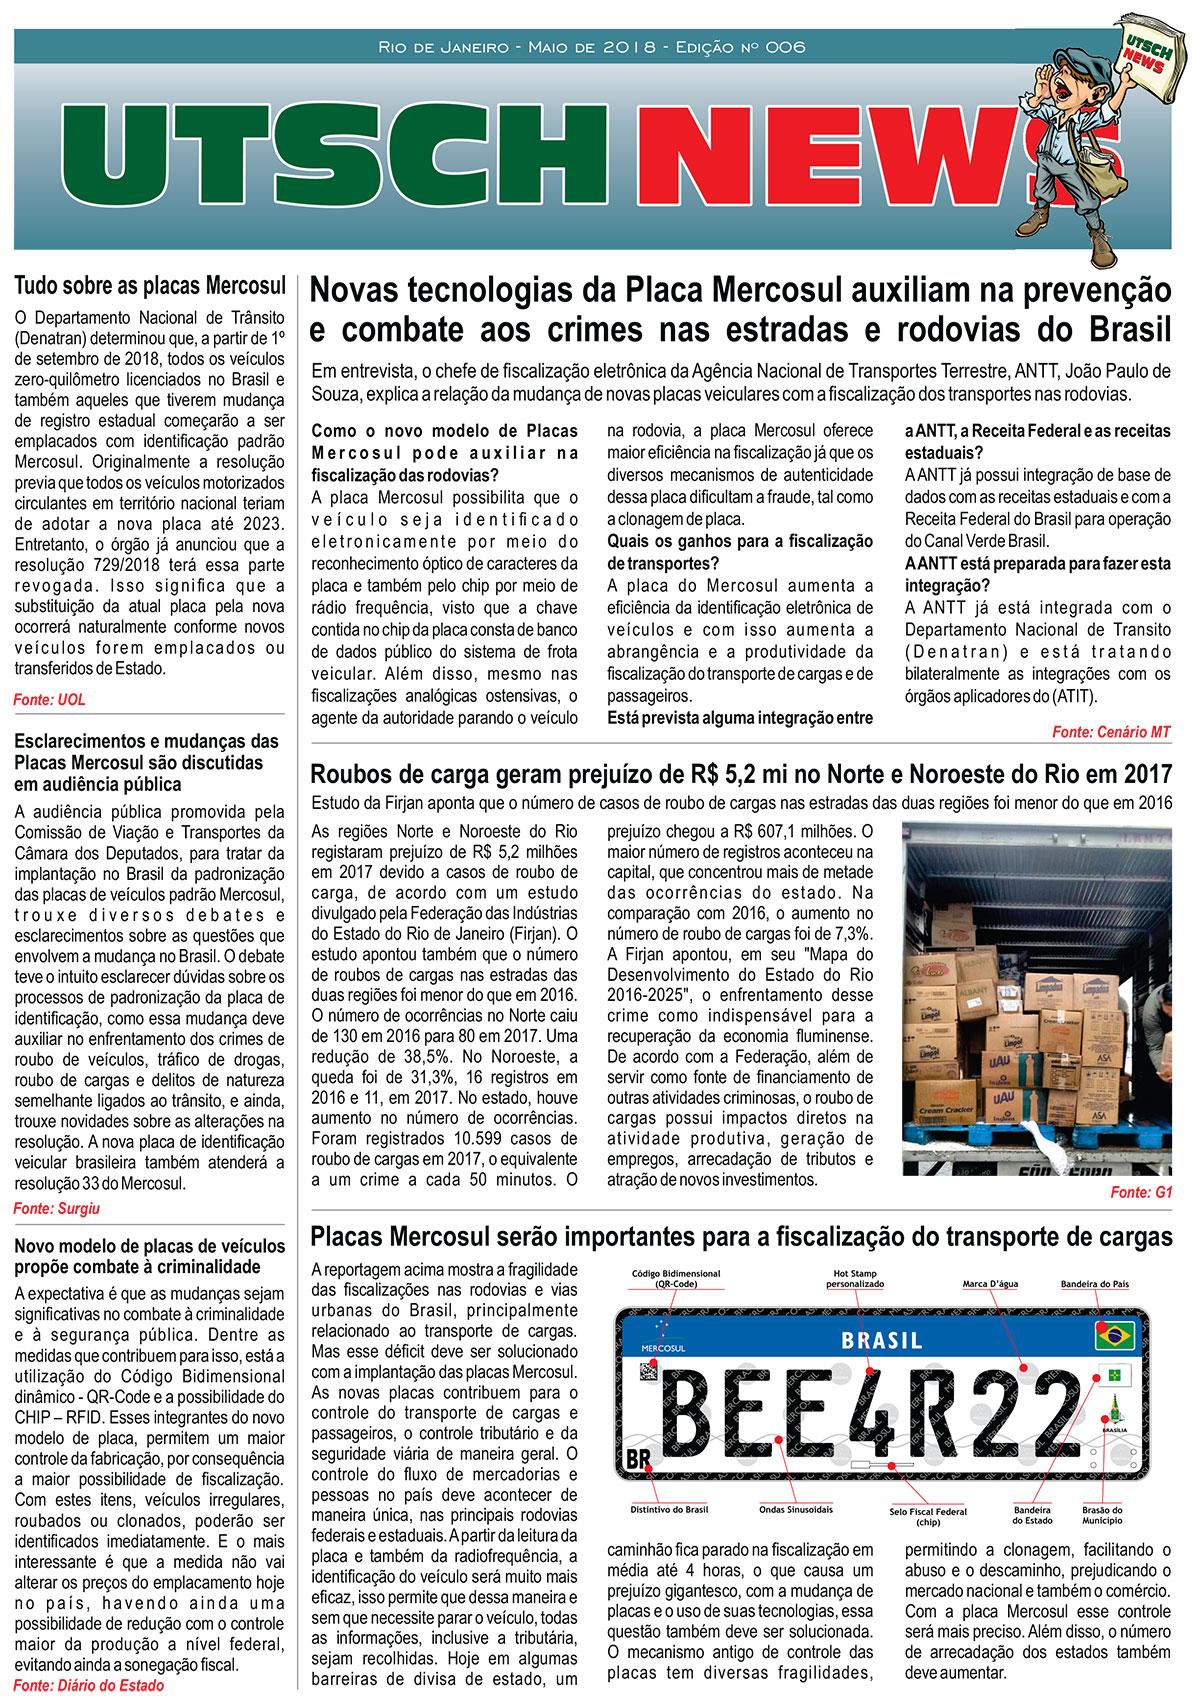 Jornal-UTSCH-BRASIL---edição-006